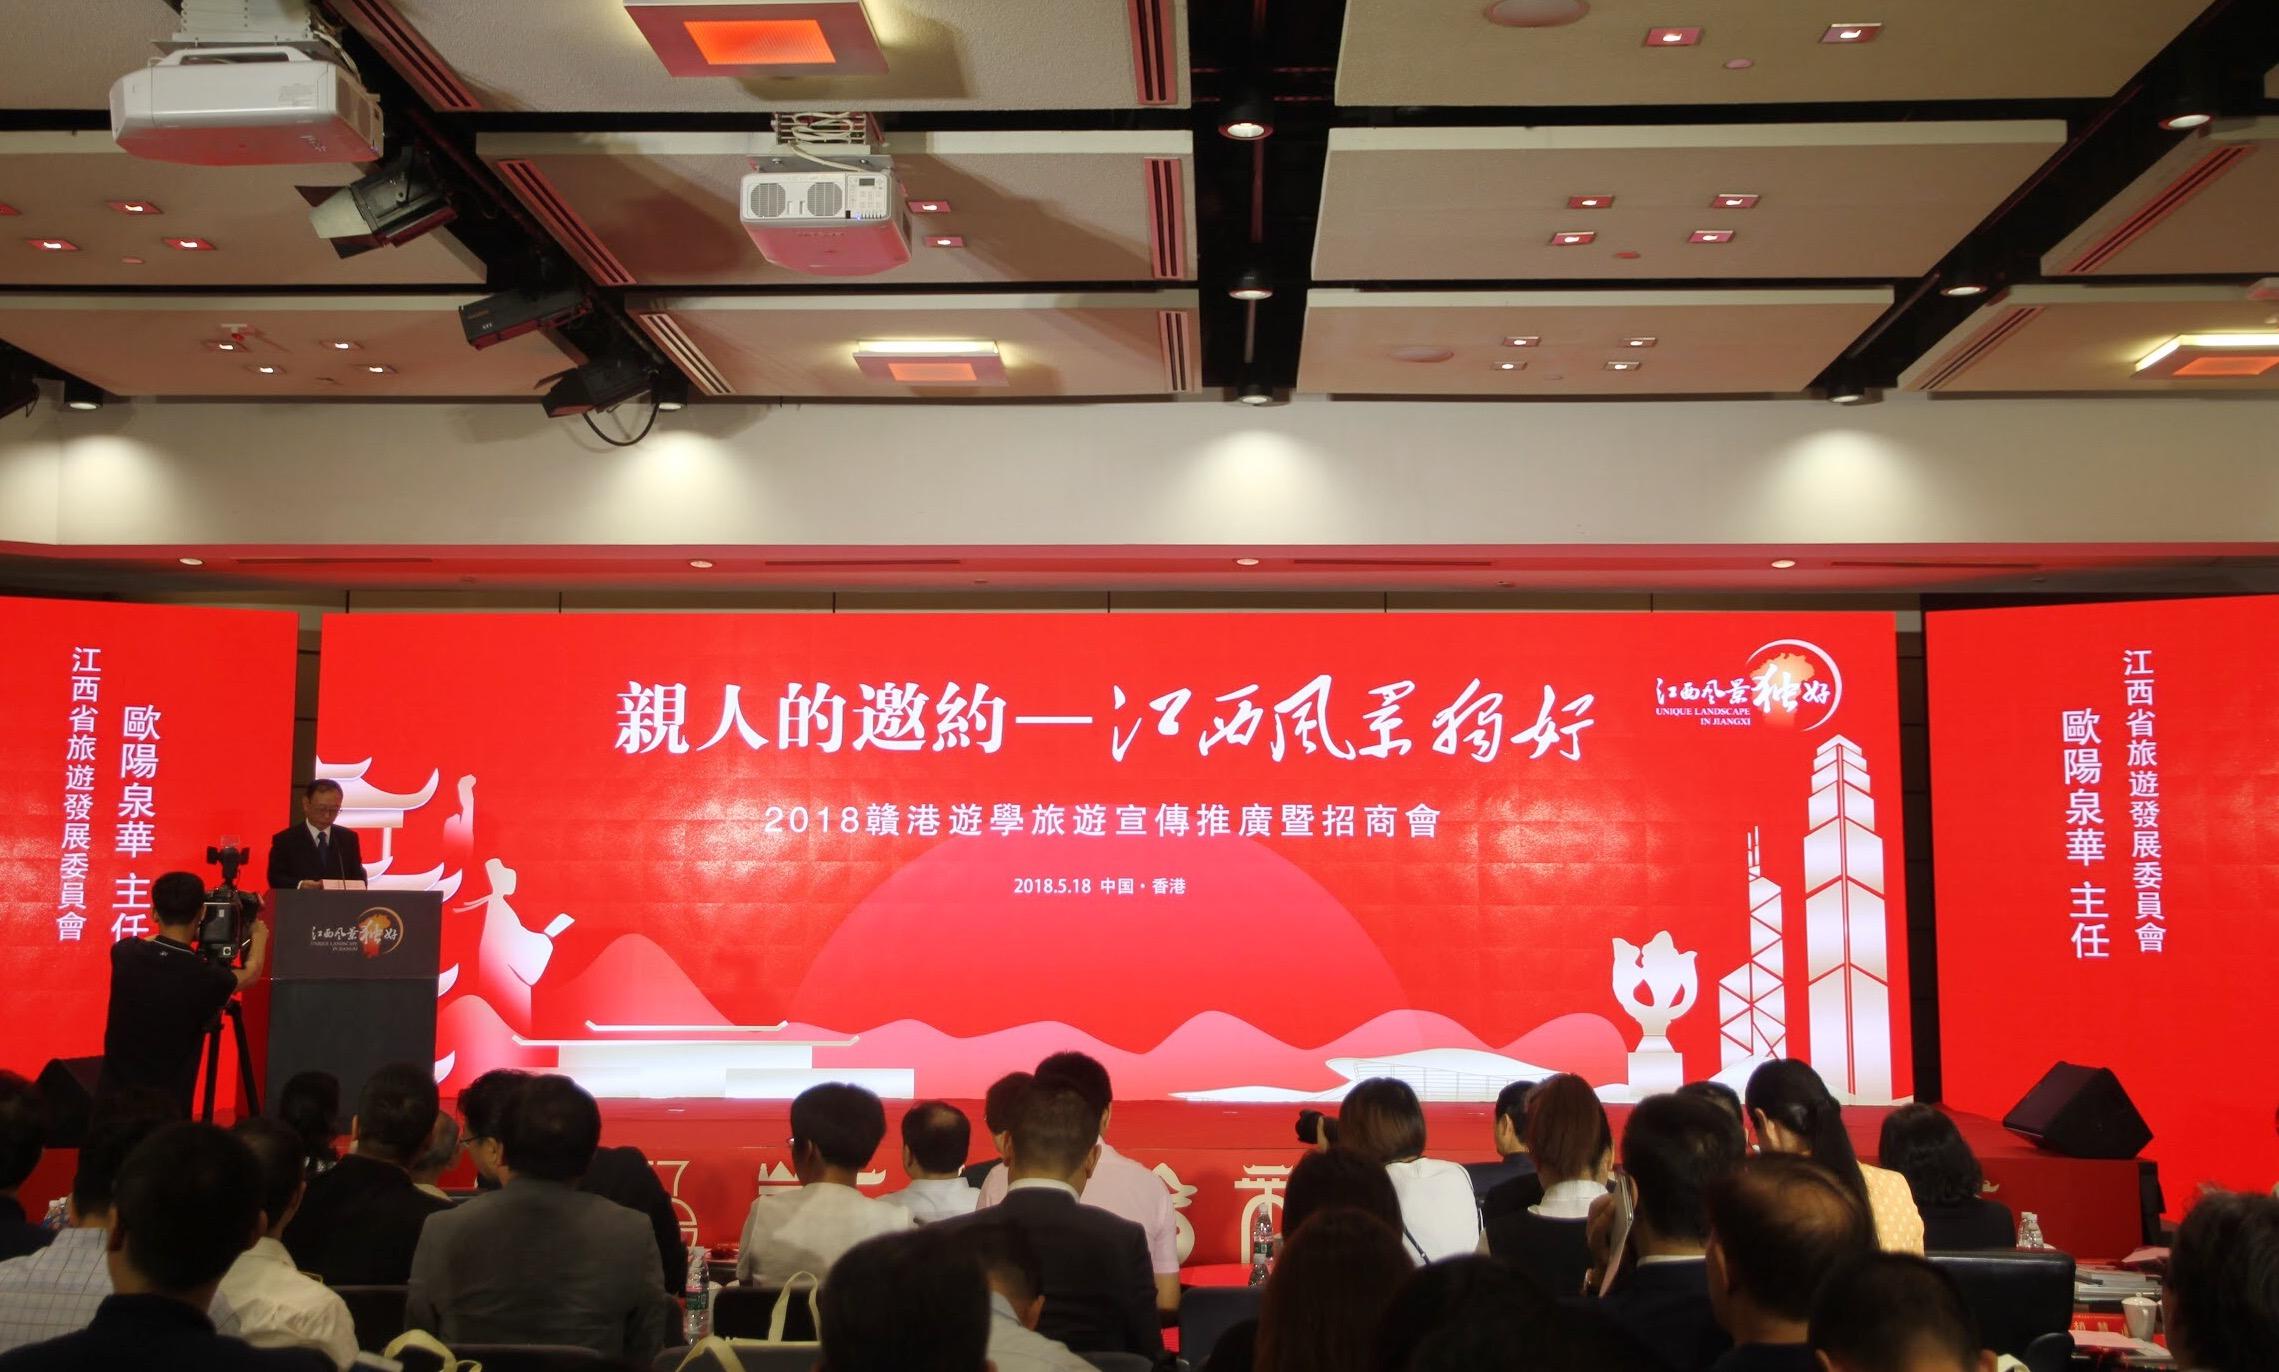 2018赣港游学旅游宣传推广暨招商会在香港举行(摄影:戚苇杭)